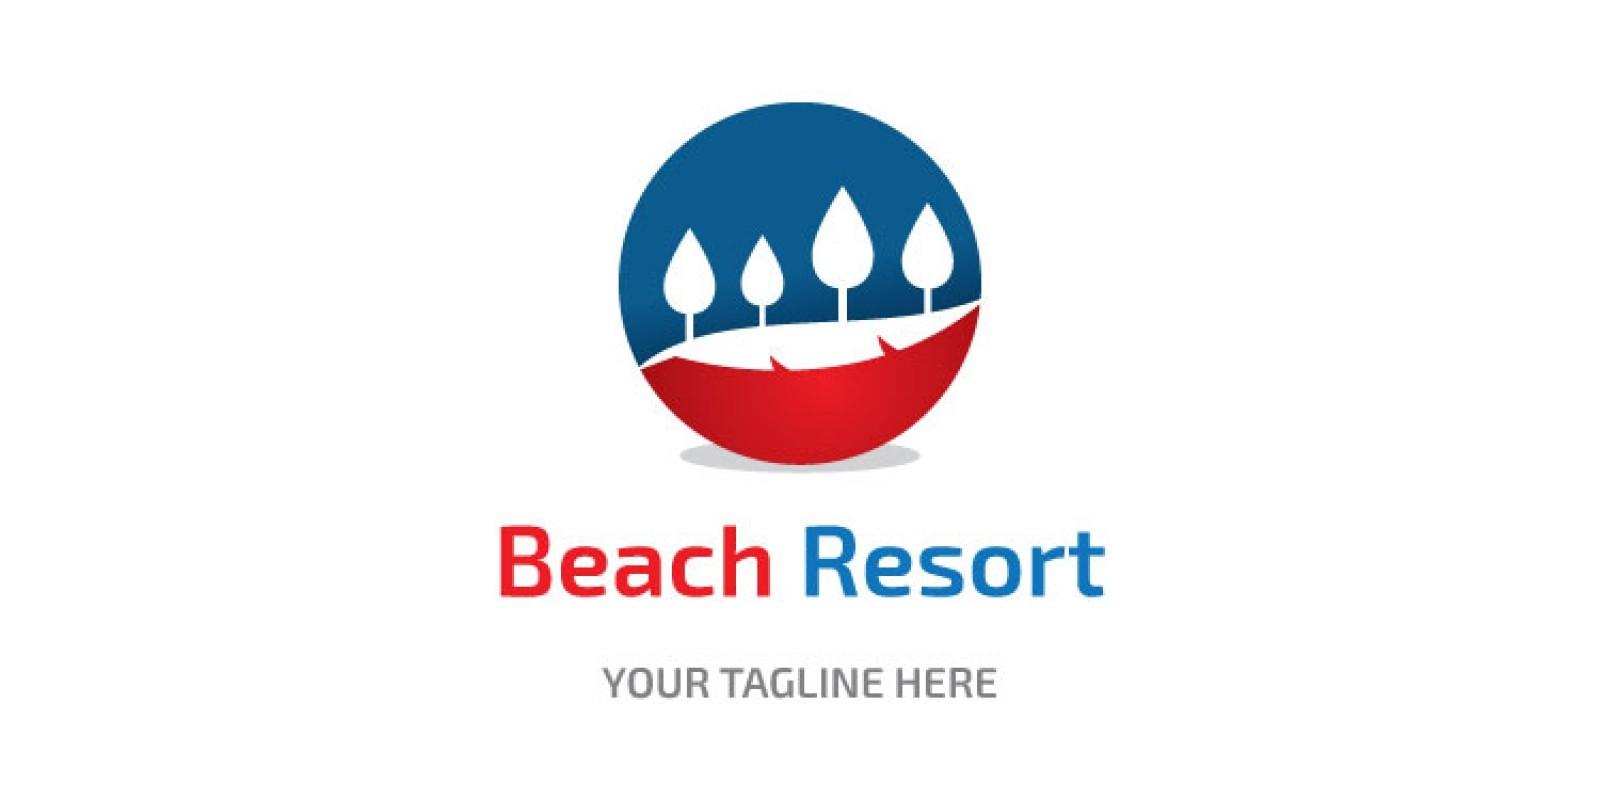 Golf Club Resort Logo